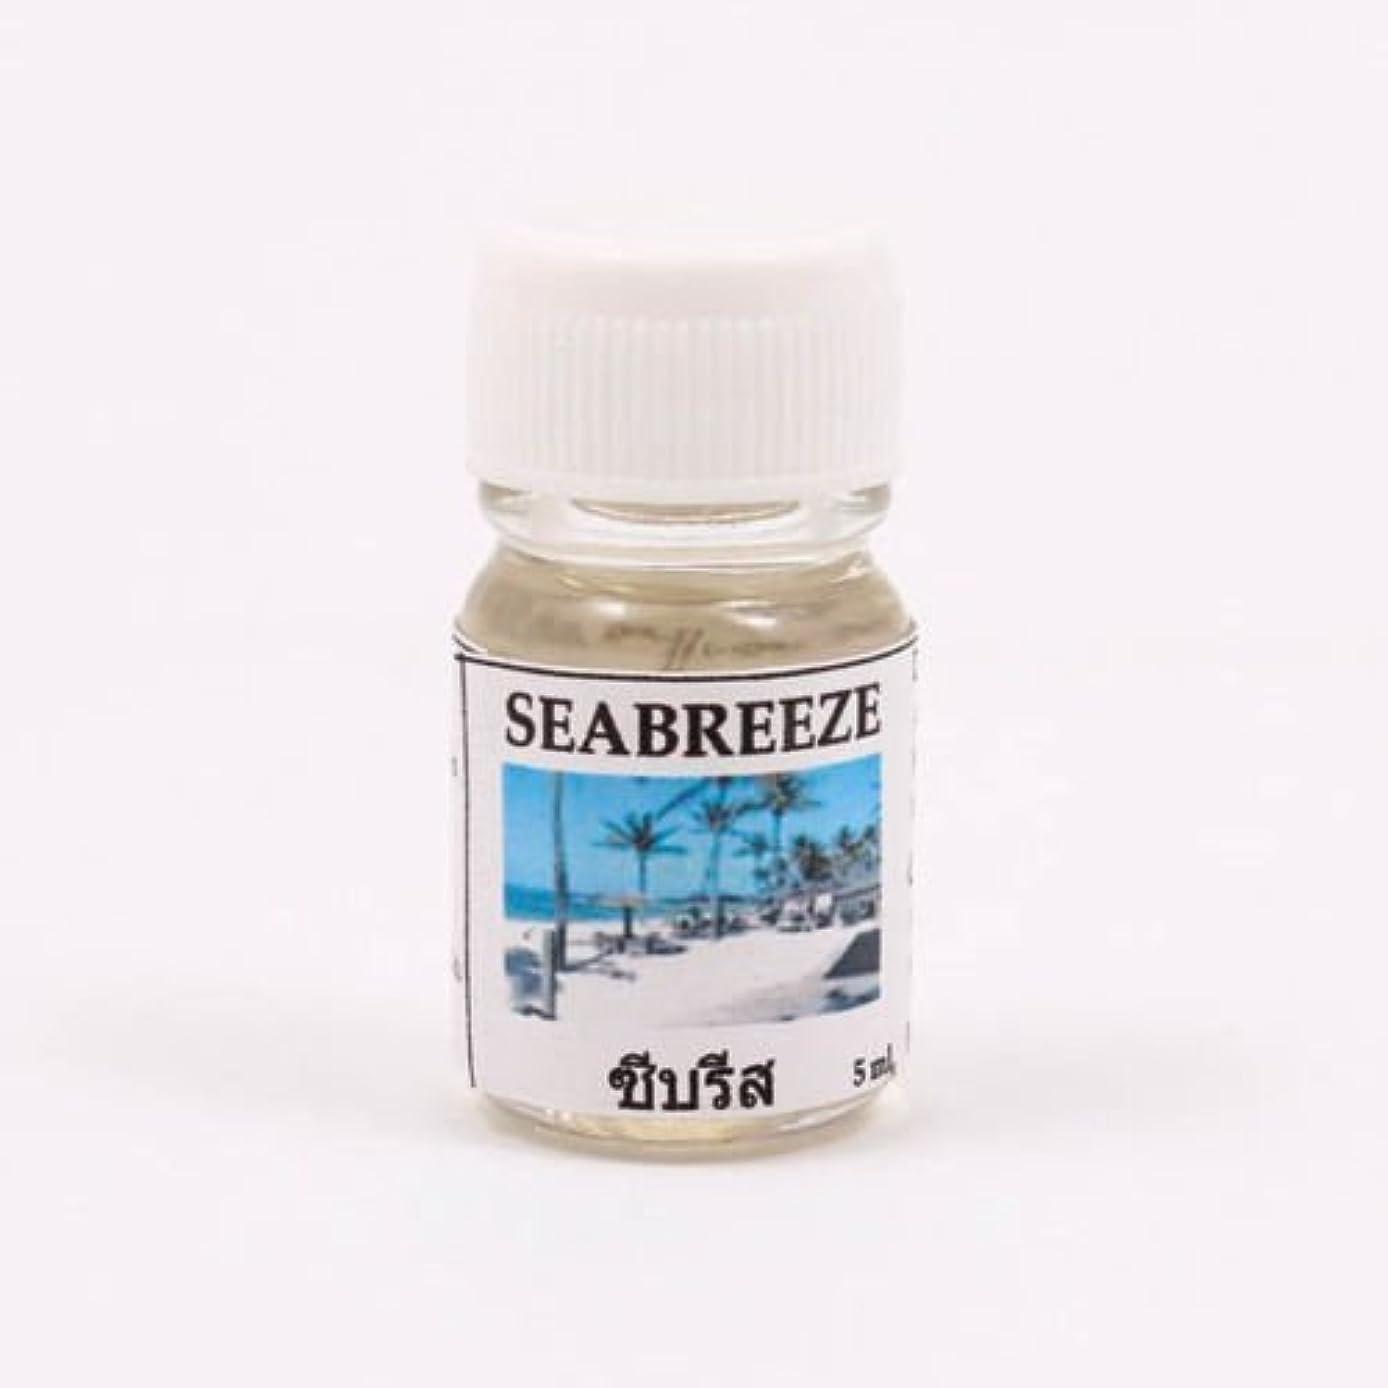 中央値品ホーム6X Seabreeze Aroma Fragrance Essential Oil 5ML. cc Diffuser Burner Therapy